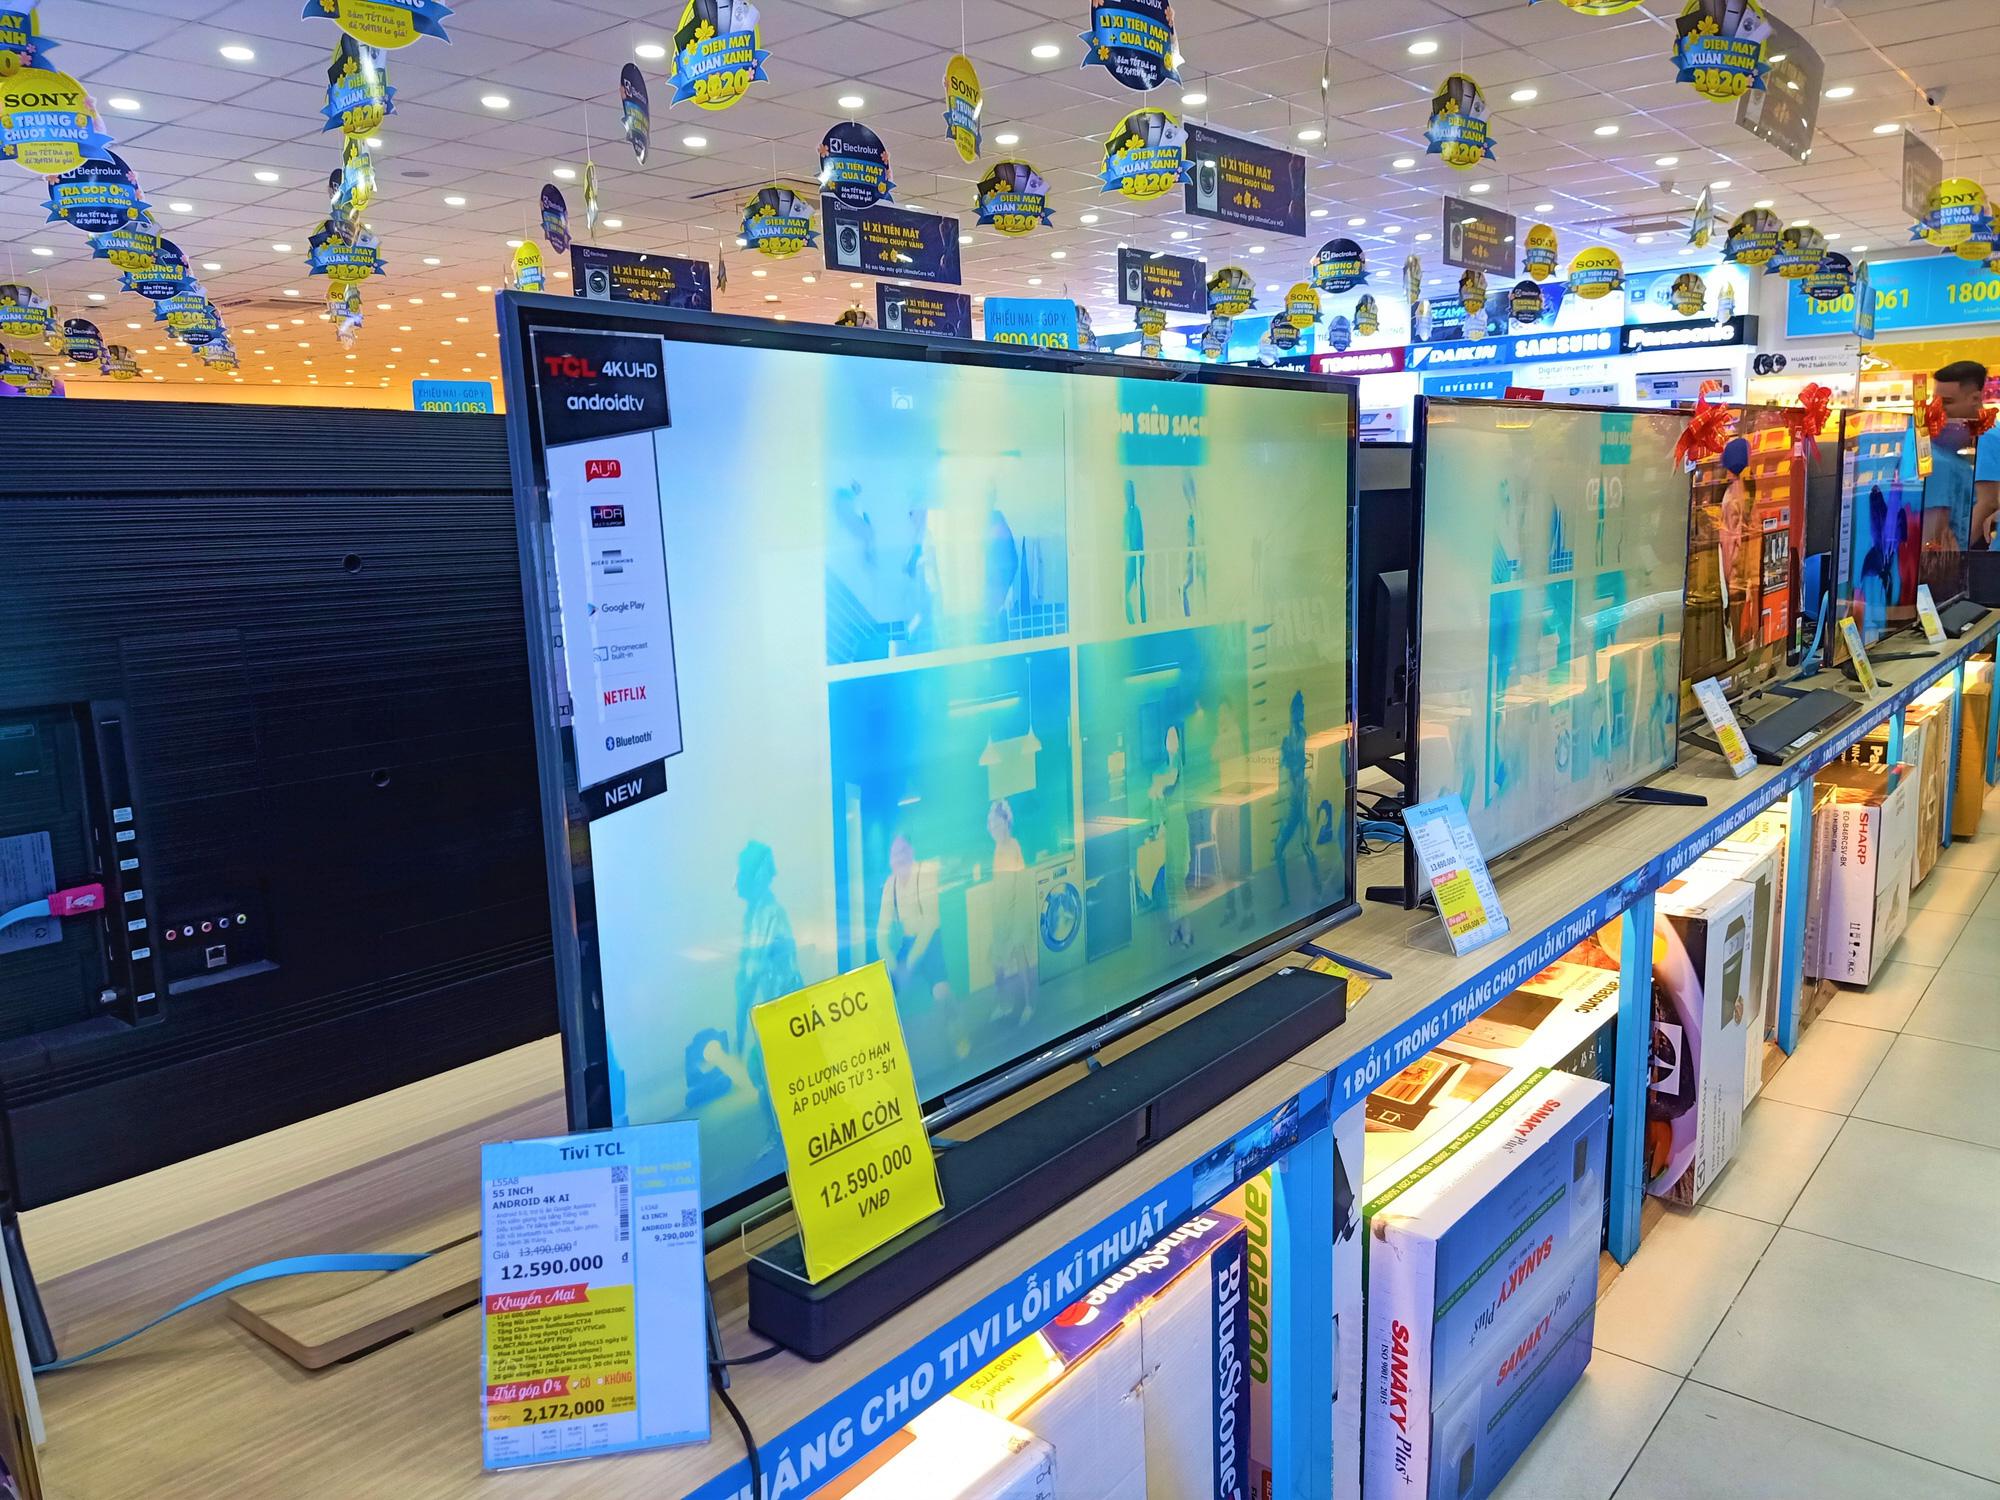 Tivi giảm giá ngập tràn kích cầu mua sắm trong mùa dịch bệnh Covid-19 - Ảnh 3.